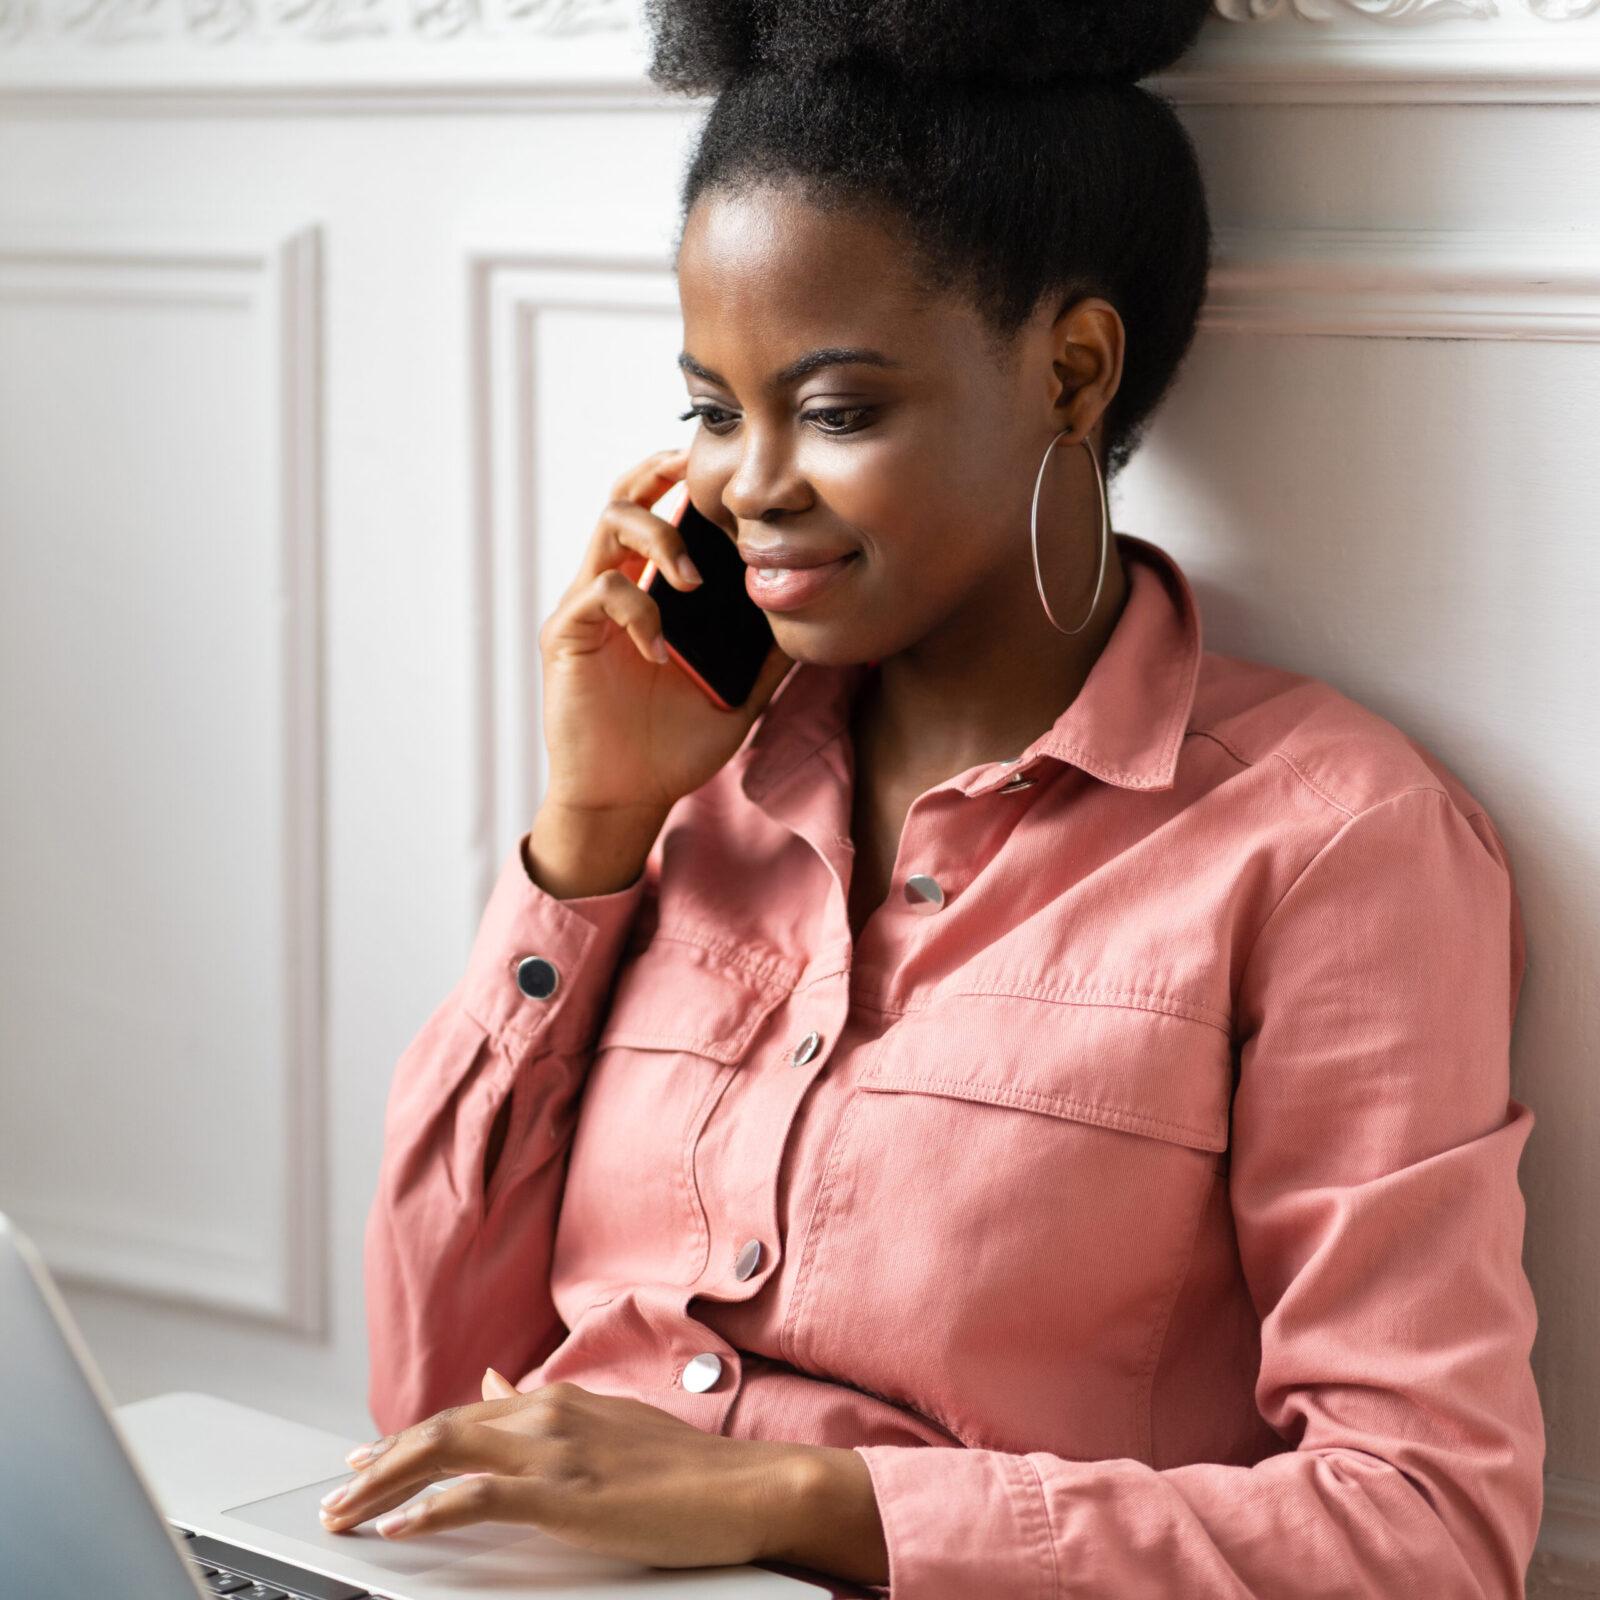 Focused African American millennial woman talking on phone, work